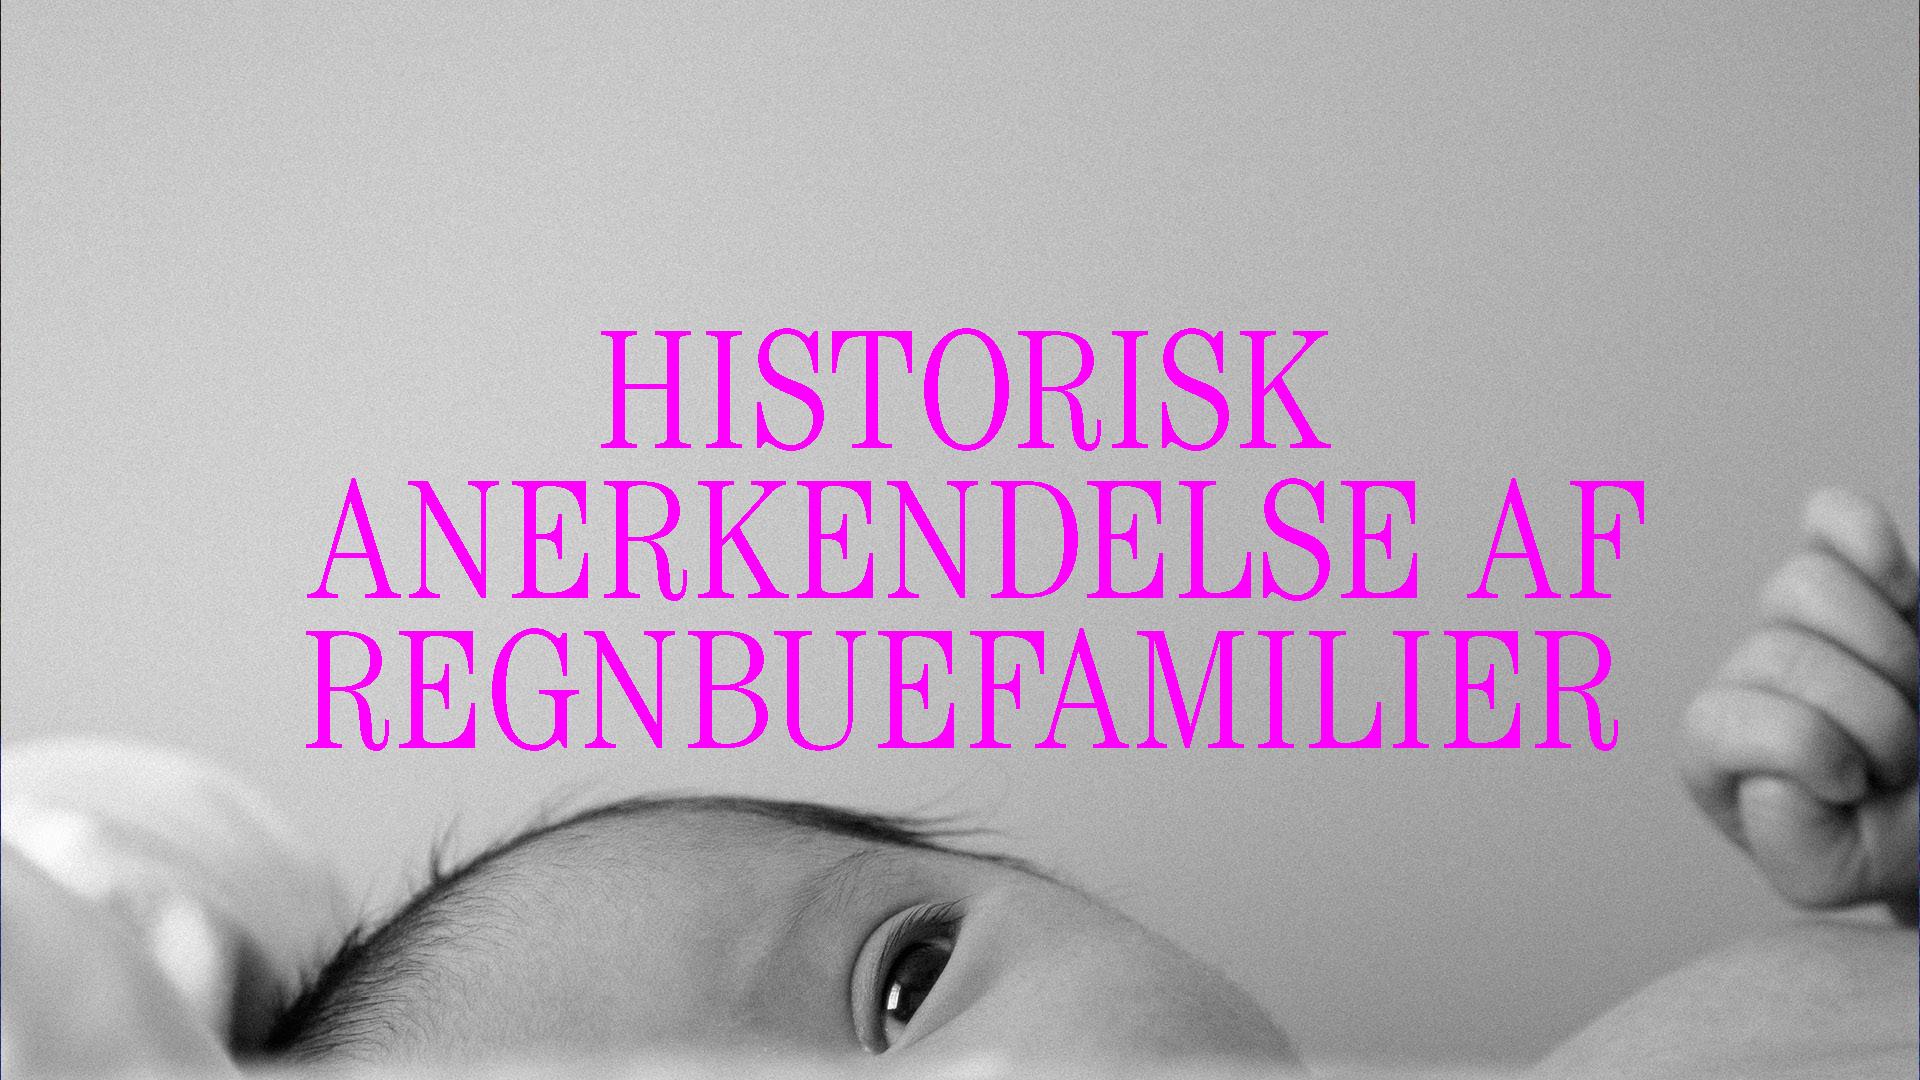 Historisk anerkendelse af regnbuefamilier